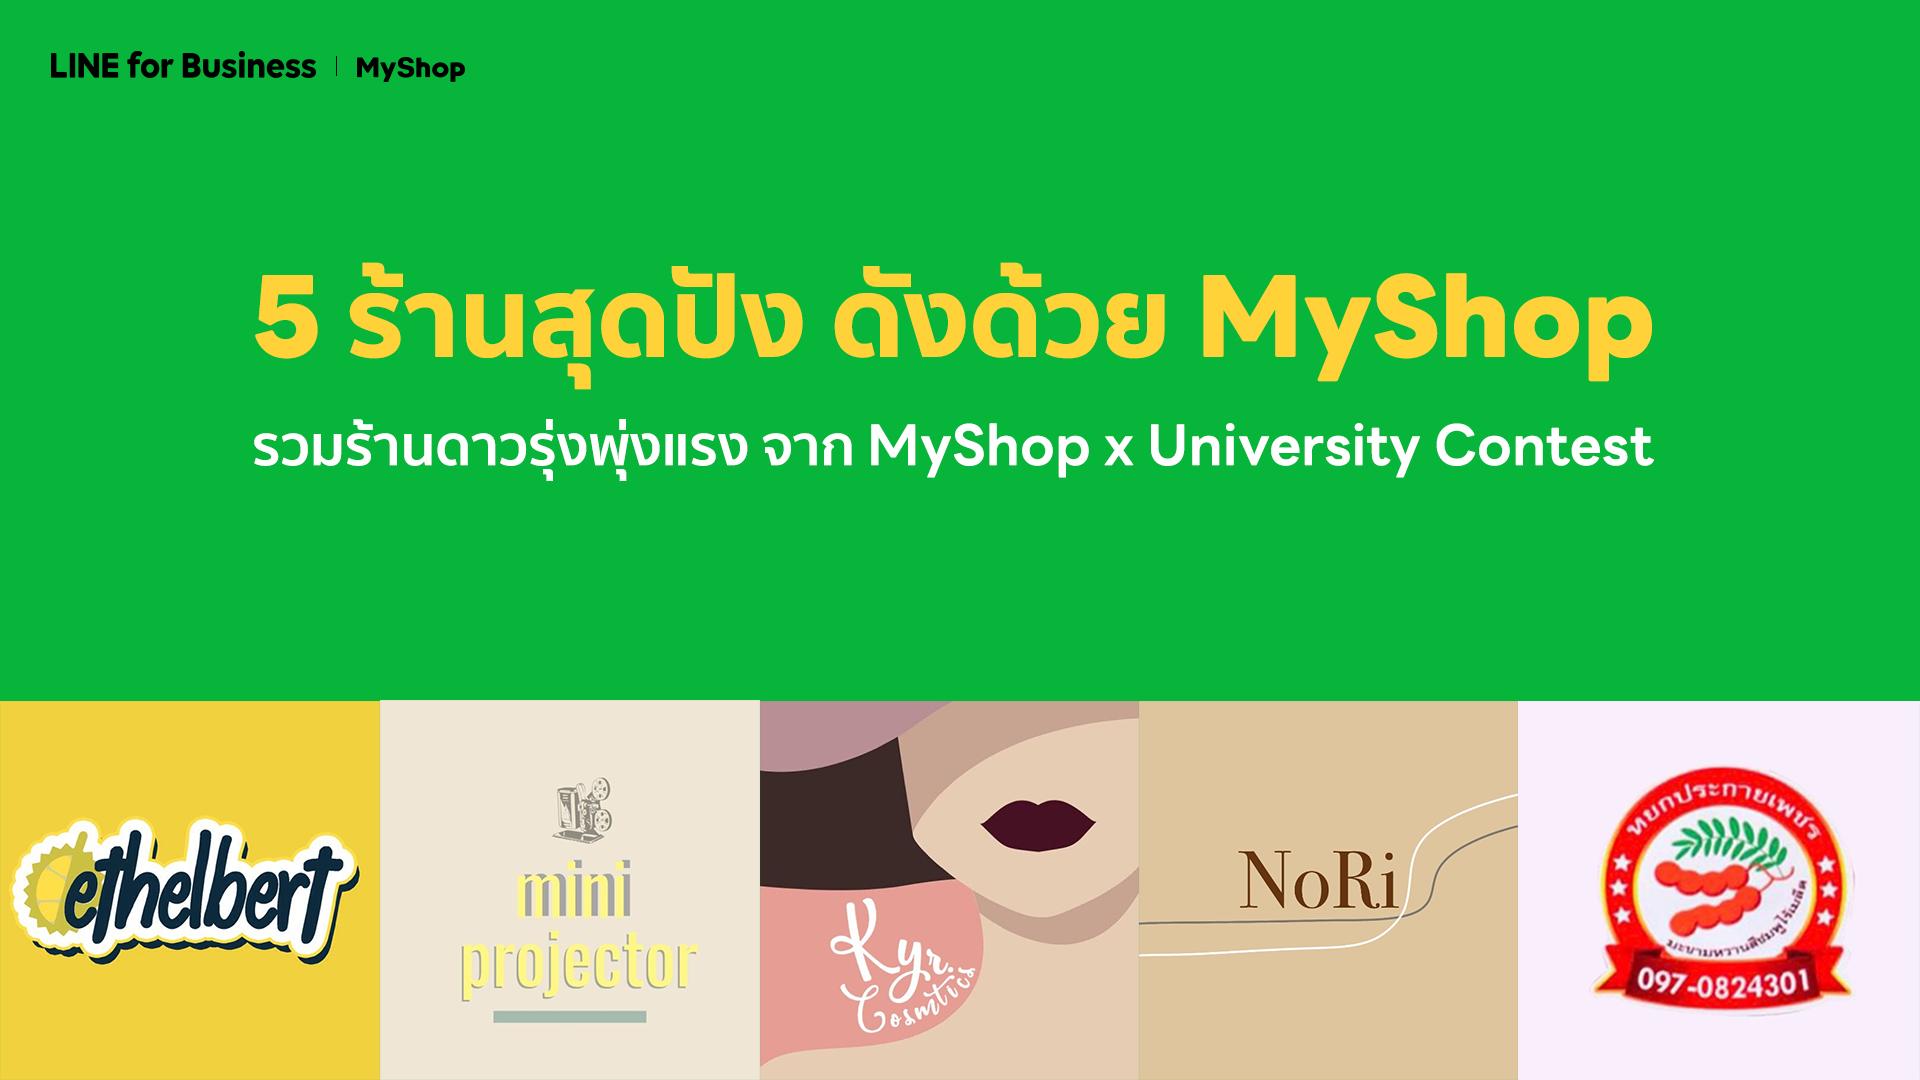 แนะนำ 5 ร้านดาวรุ่งพุ่งแรง ร้านค้าออนไลน์สไตล์นักศึกษา สร้างธุรกิจออนไลน์ง่าย ๆ กับ MyShop เครื่องมือจาก LINE